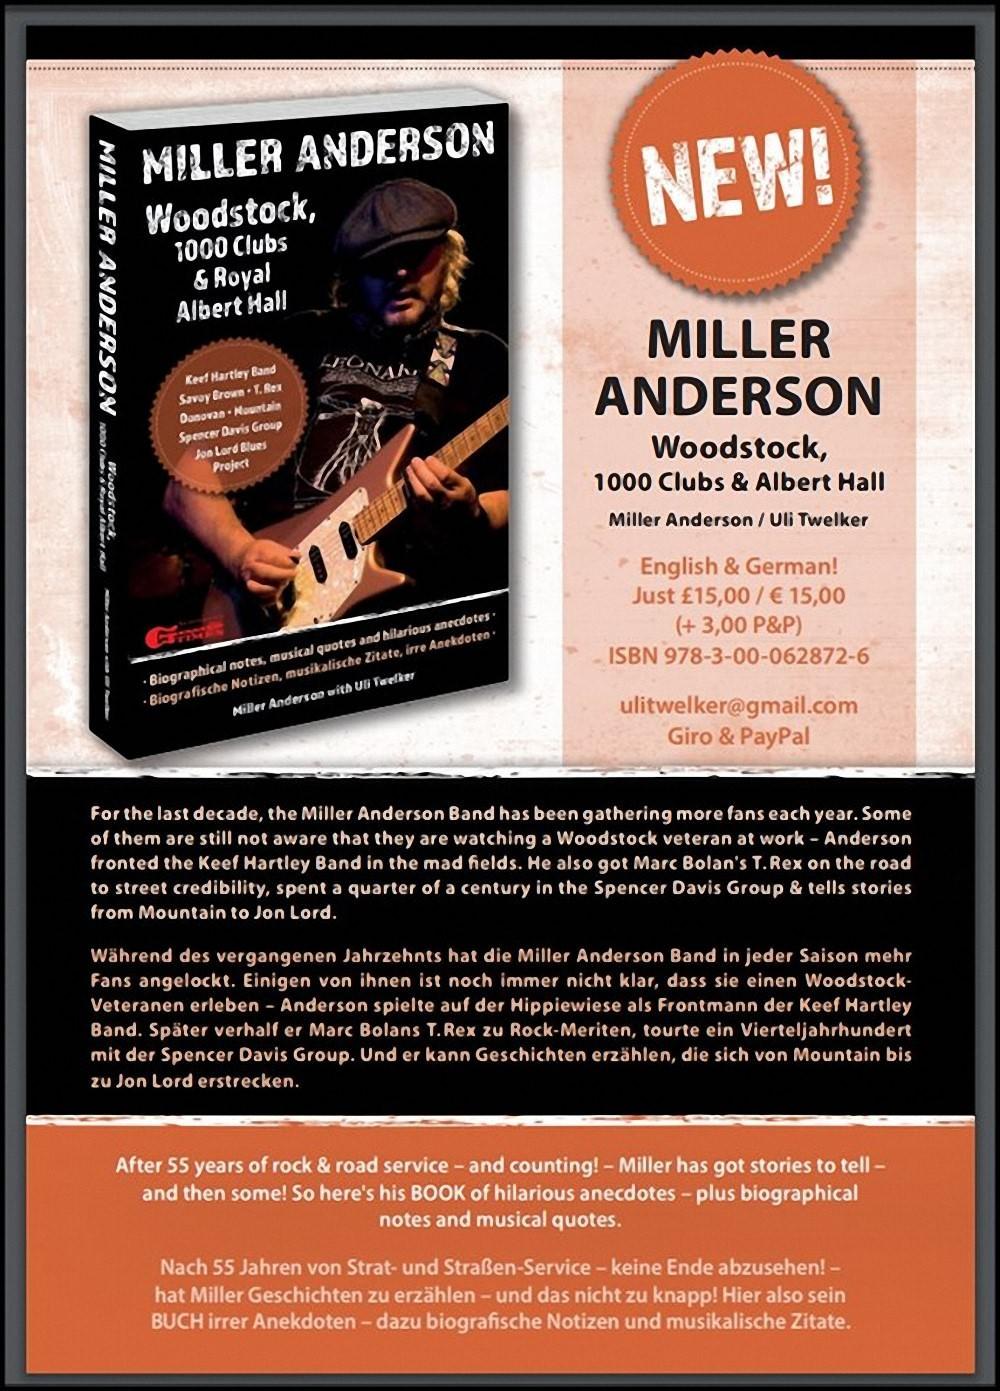 Autorenlesung mit Uli Twelker - Biografie Miller Anderson